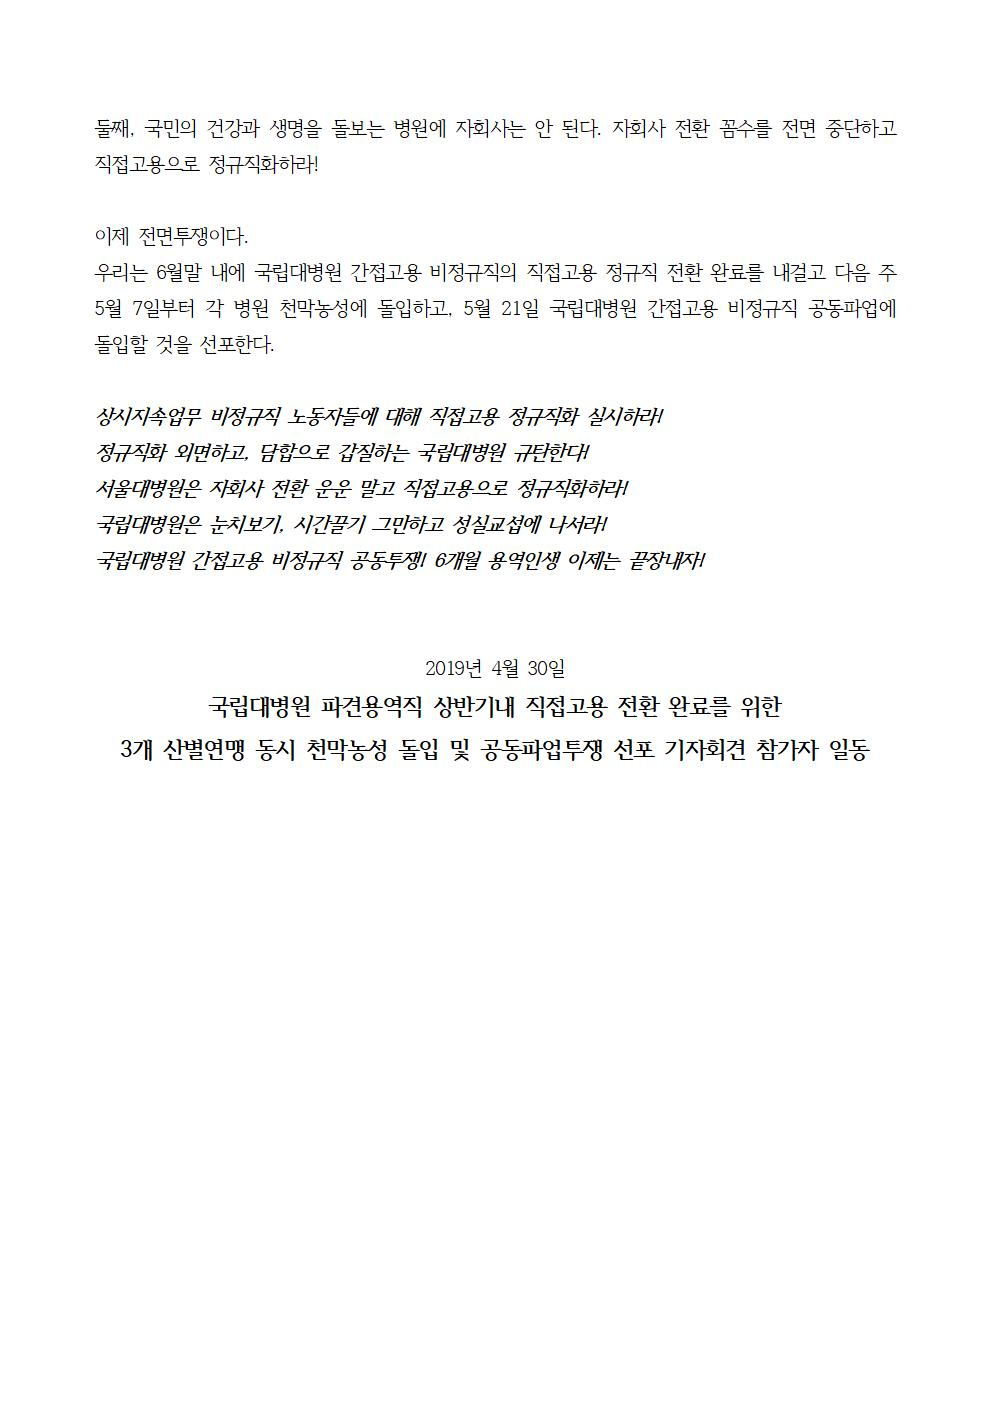 190430_공동파업투쟁 선포_기자회견 자료2.jpg